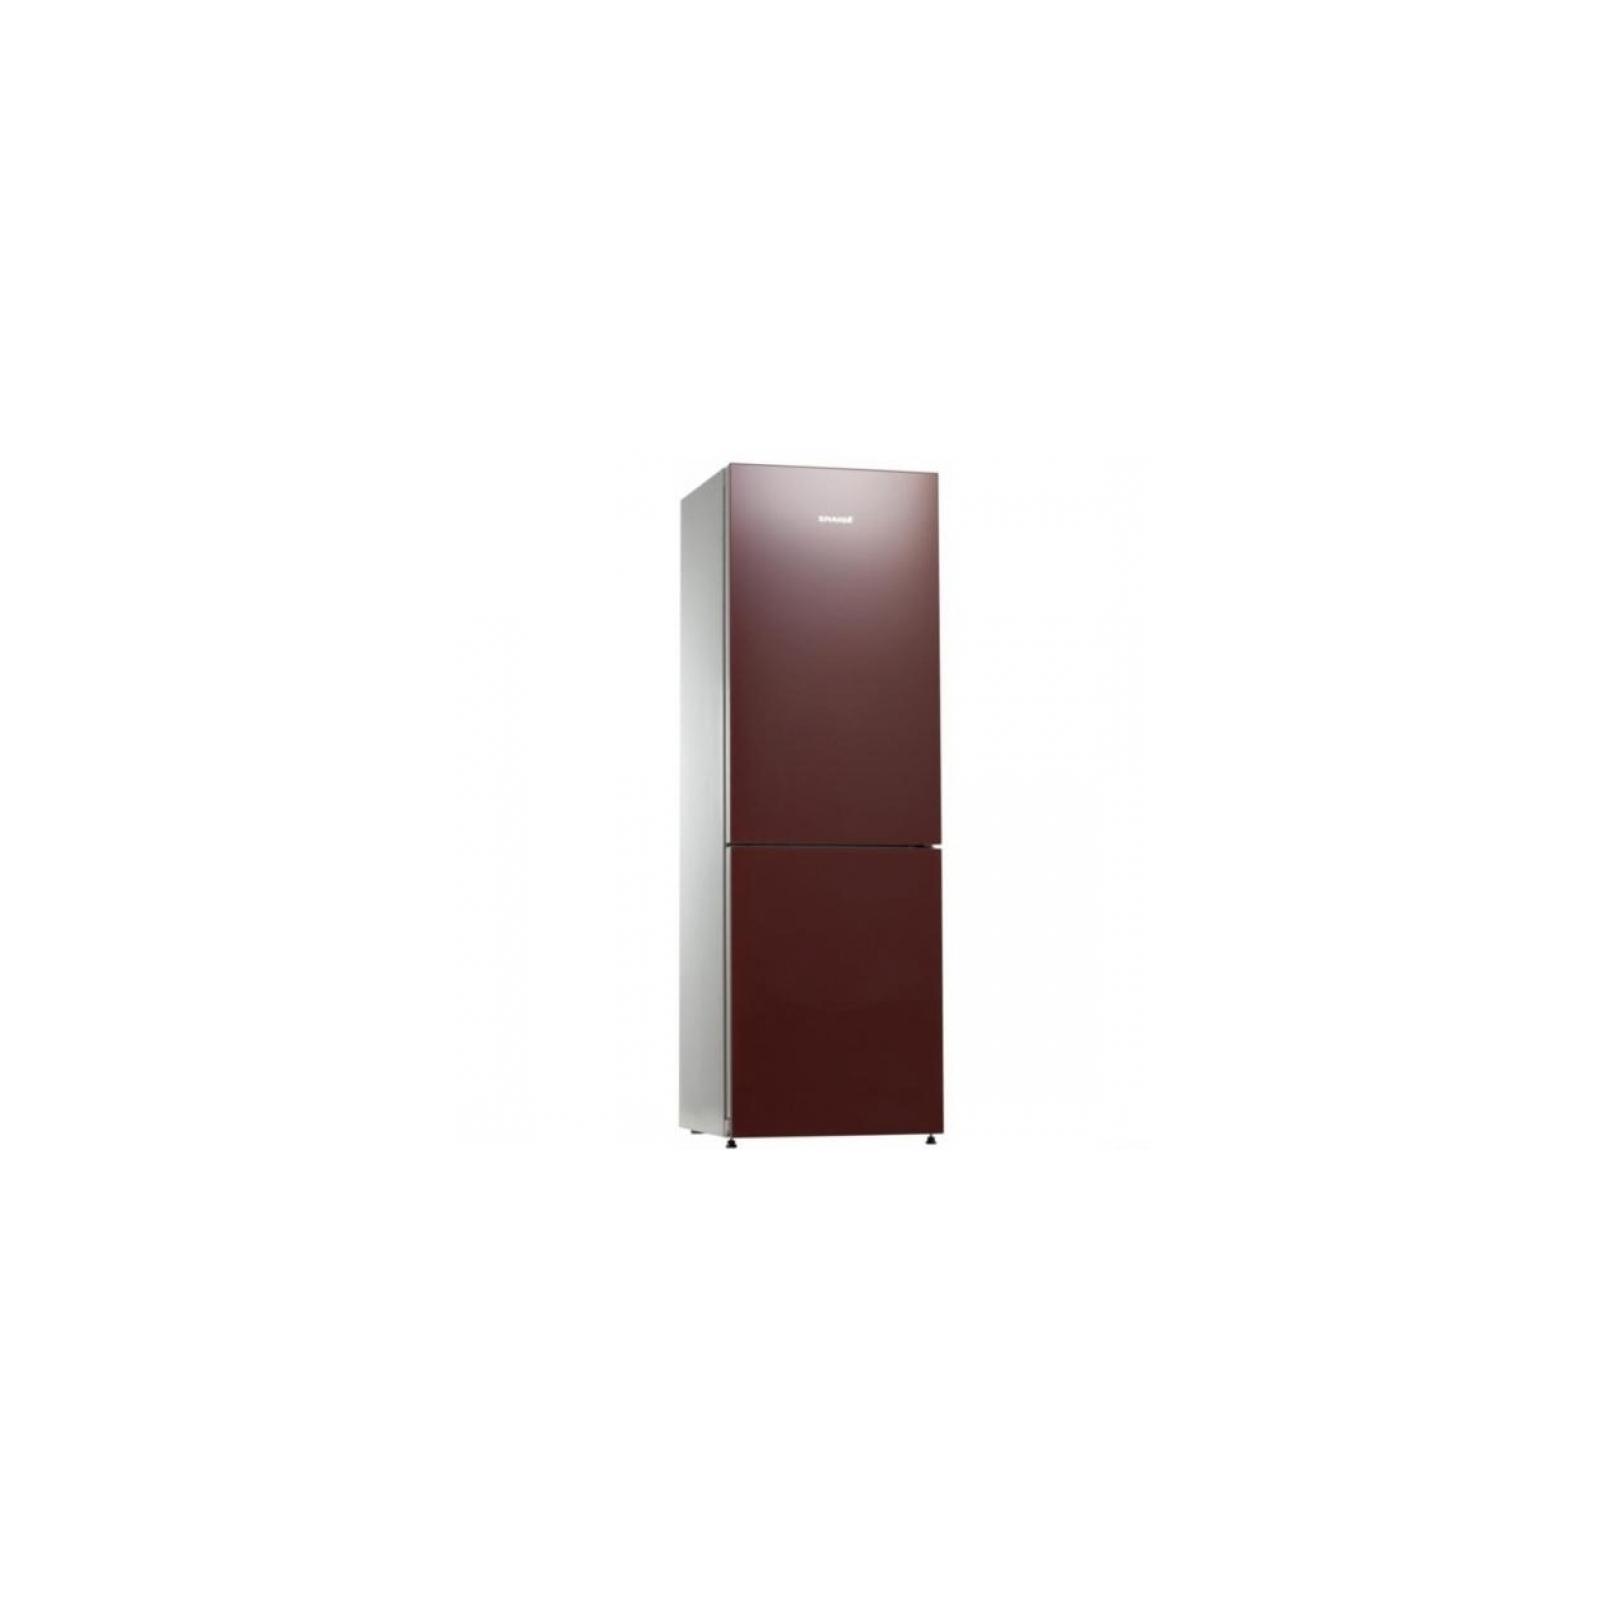 Холодильник Snaige RF36NG-Z1AH27R